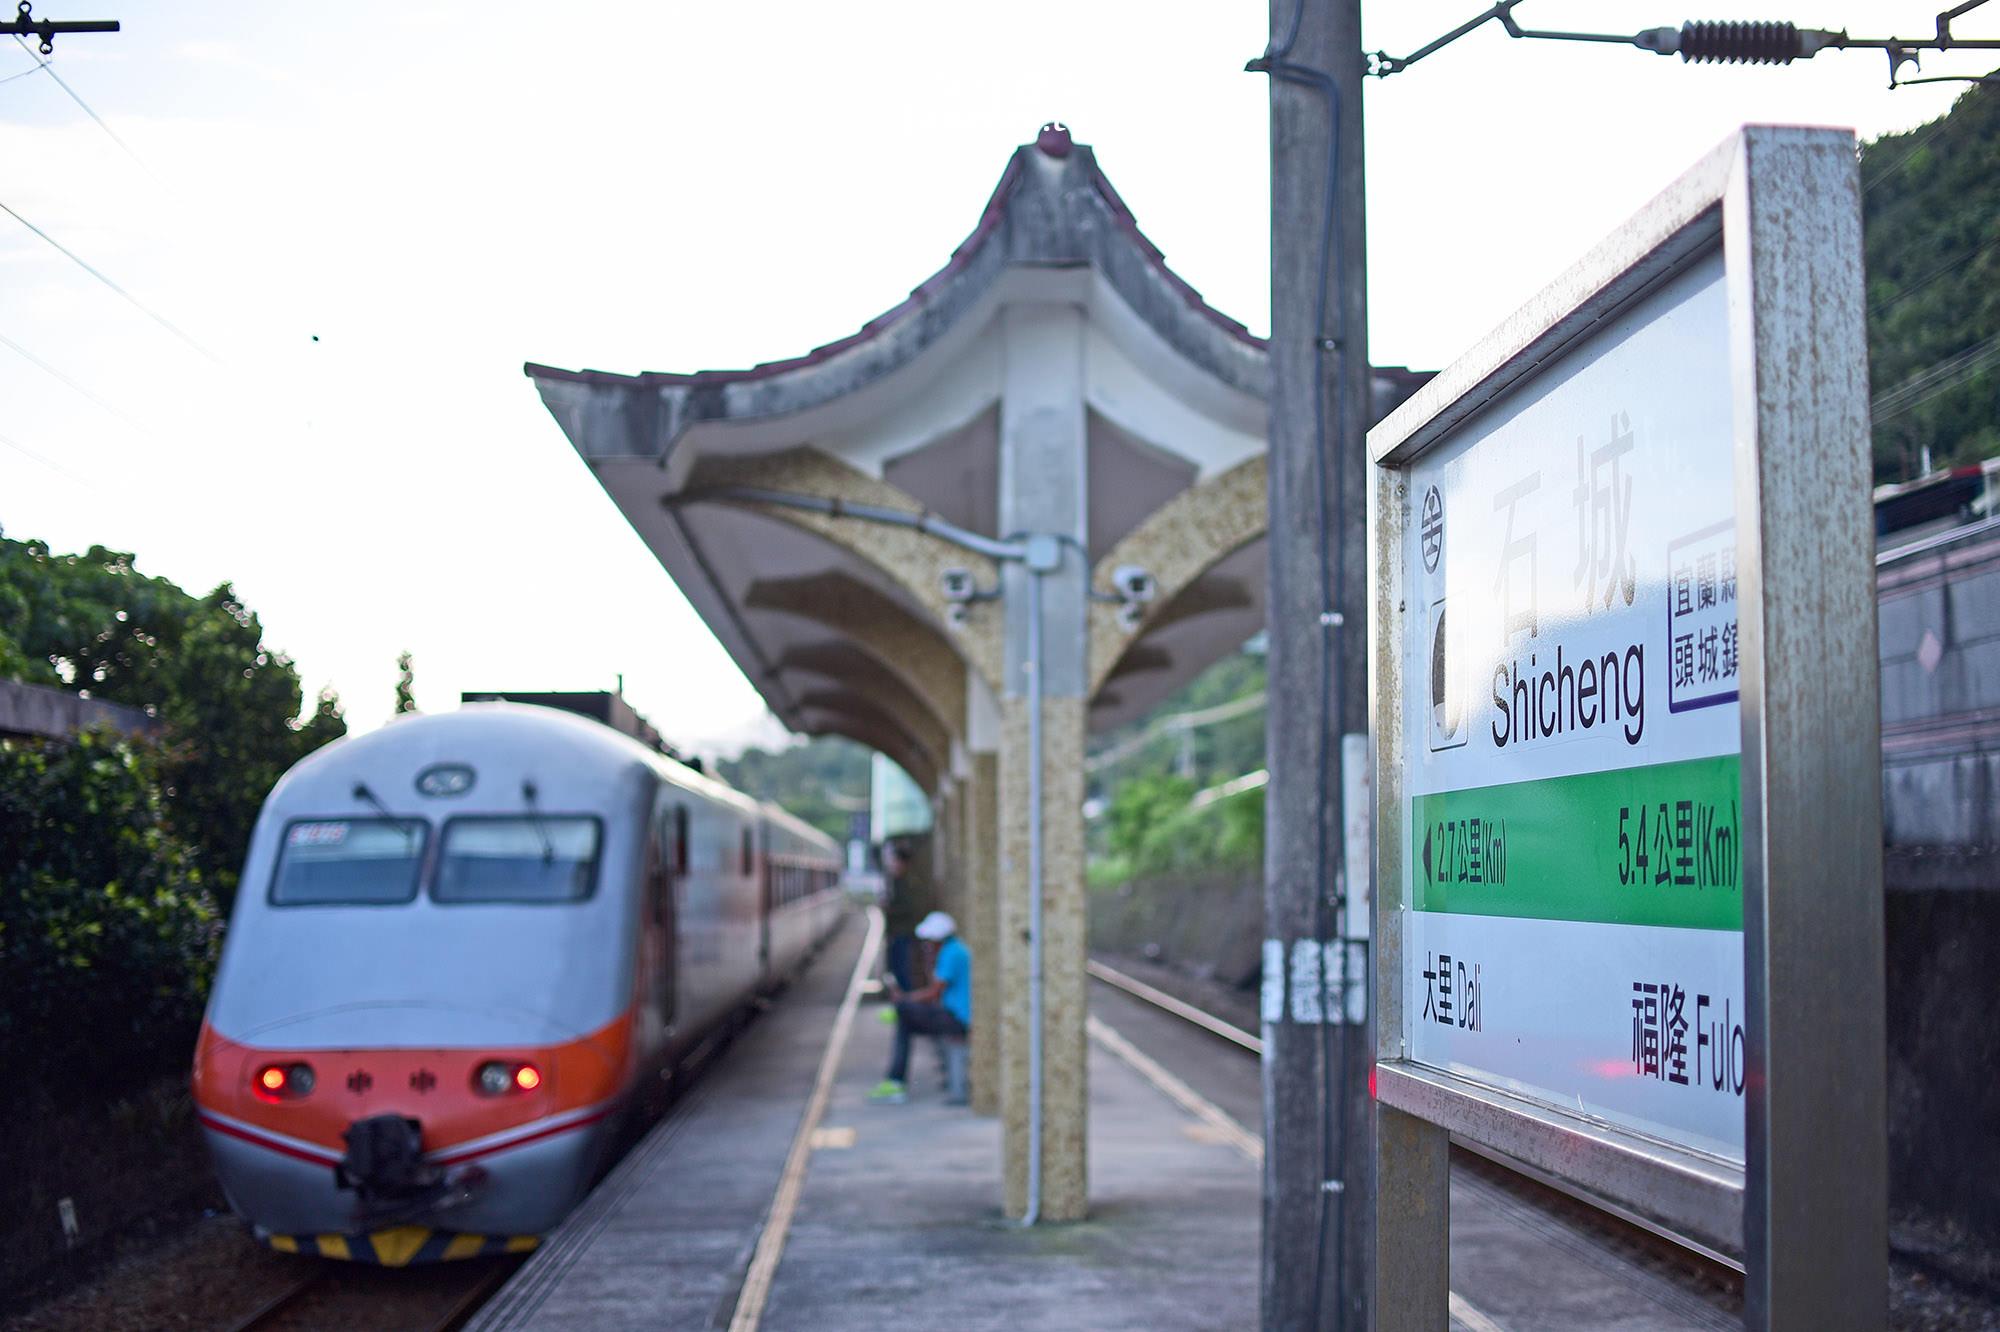 宜蘭,頭城,石城車站